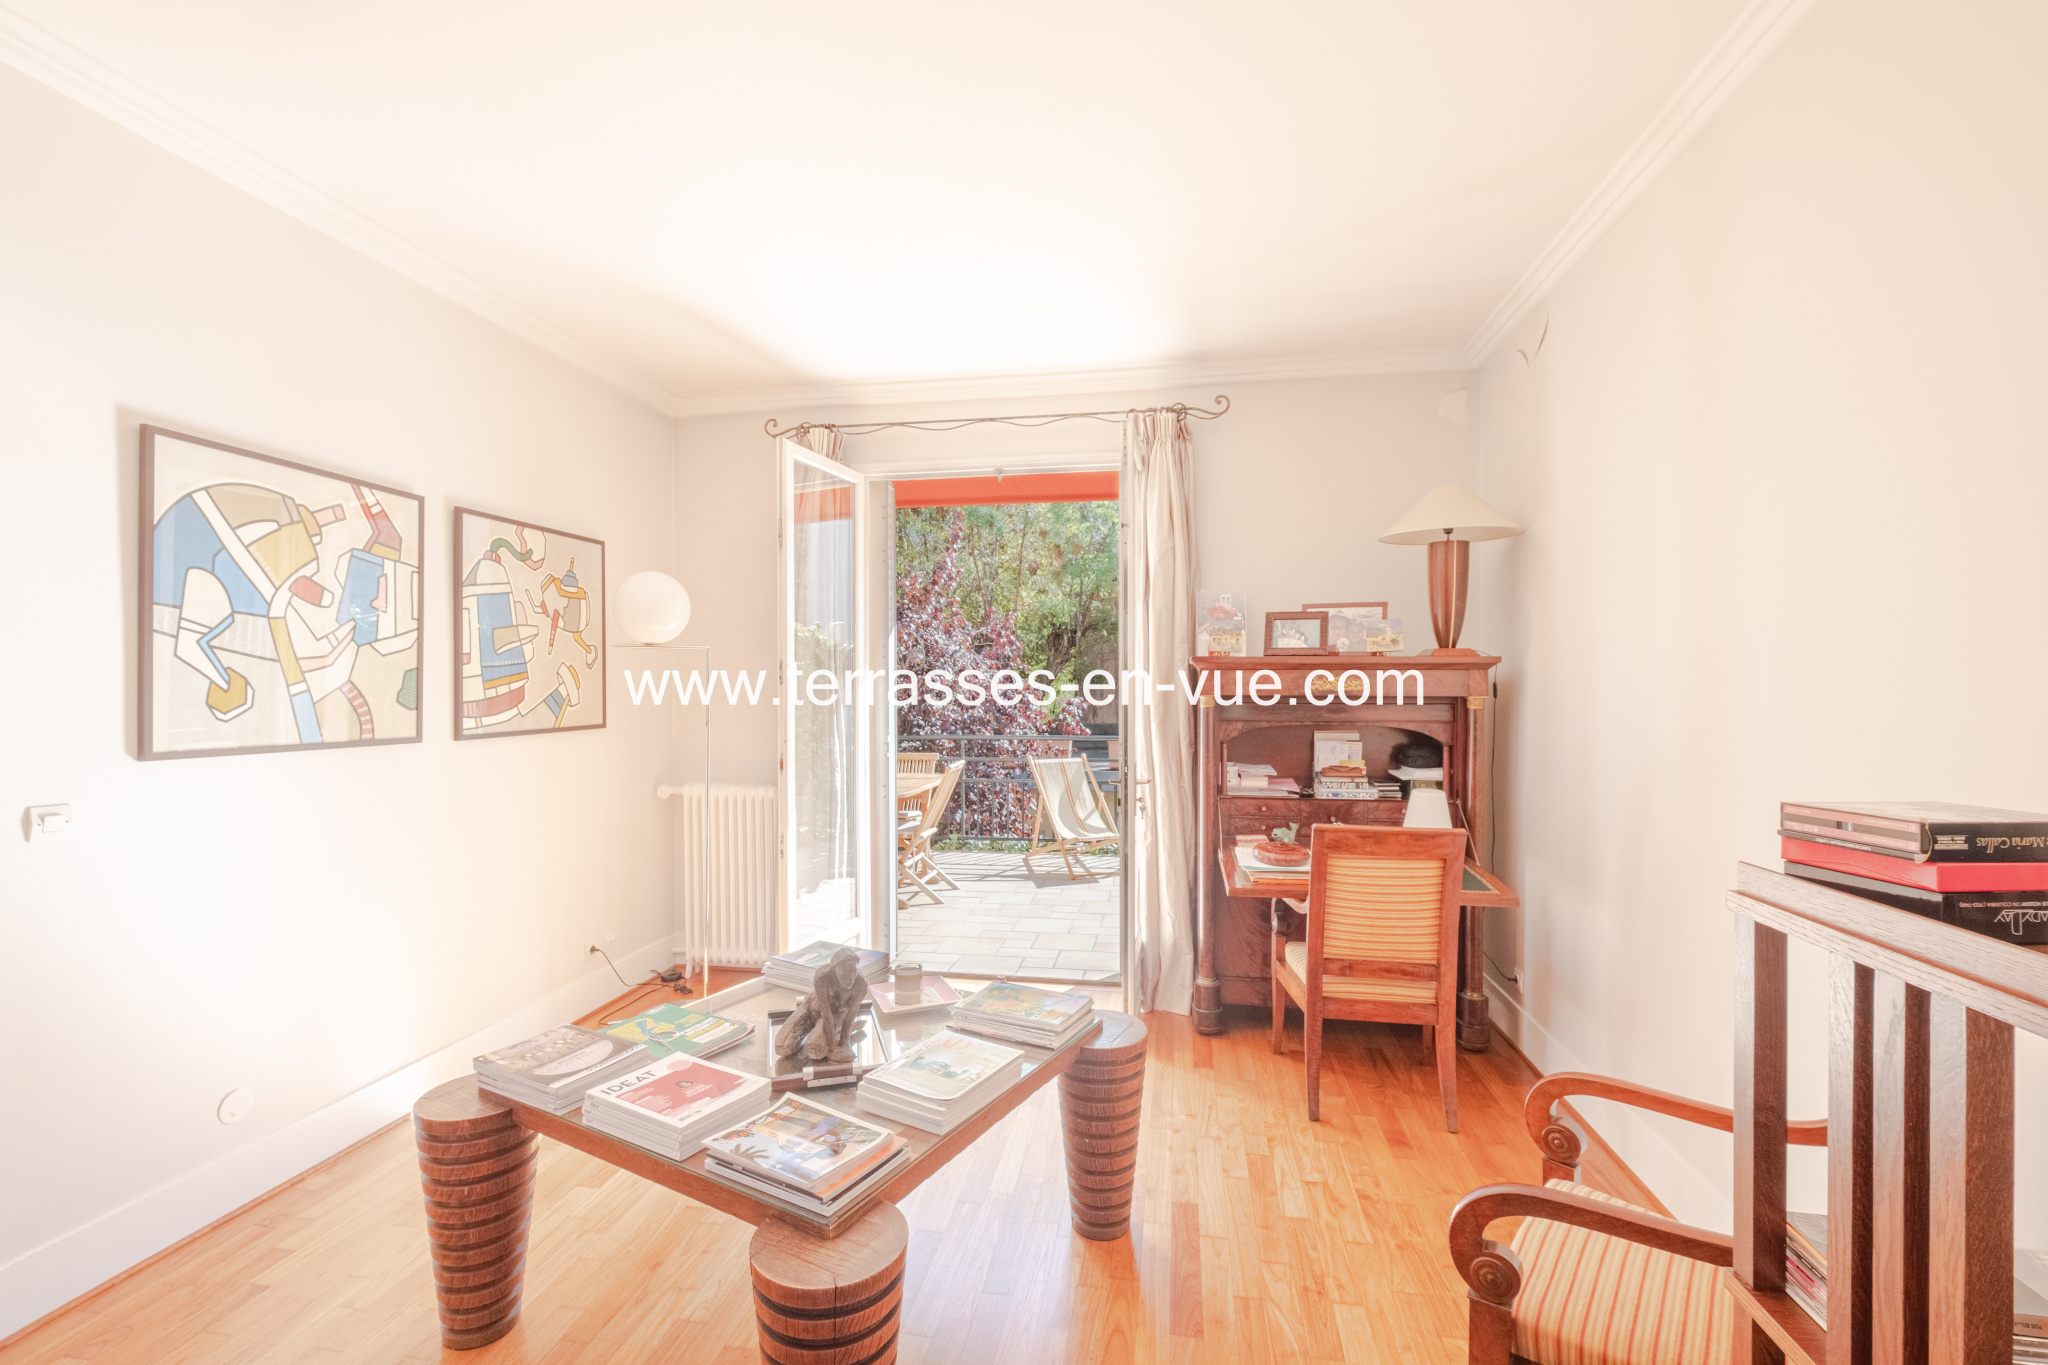 Maison À vendre - La Garenne-Colombes / 92250